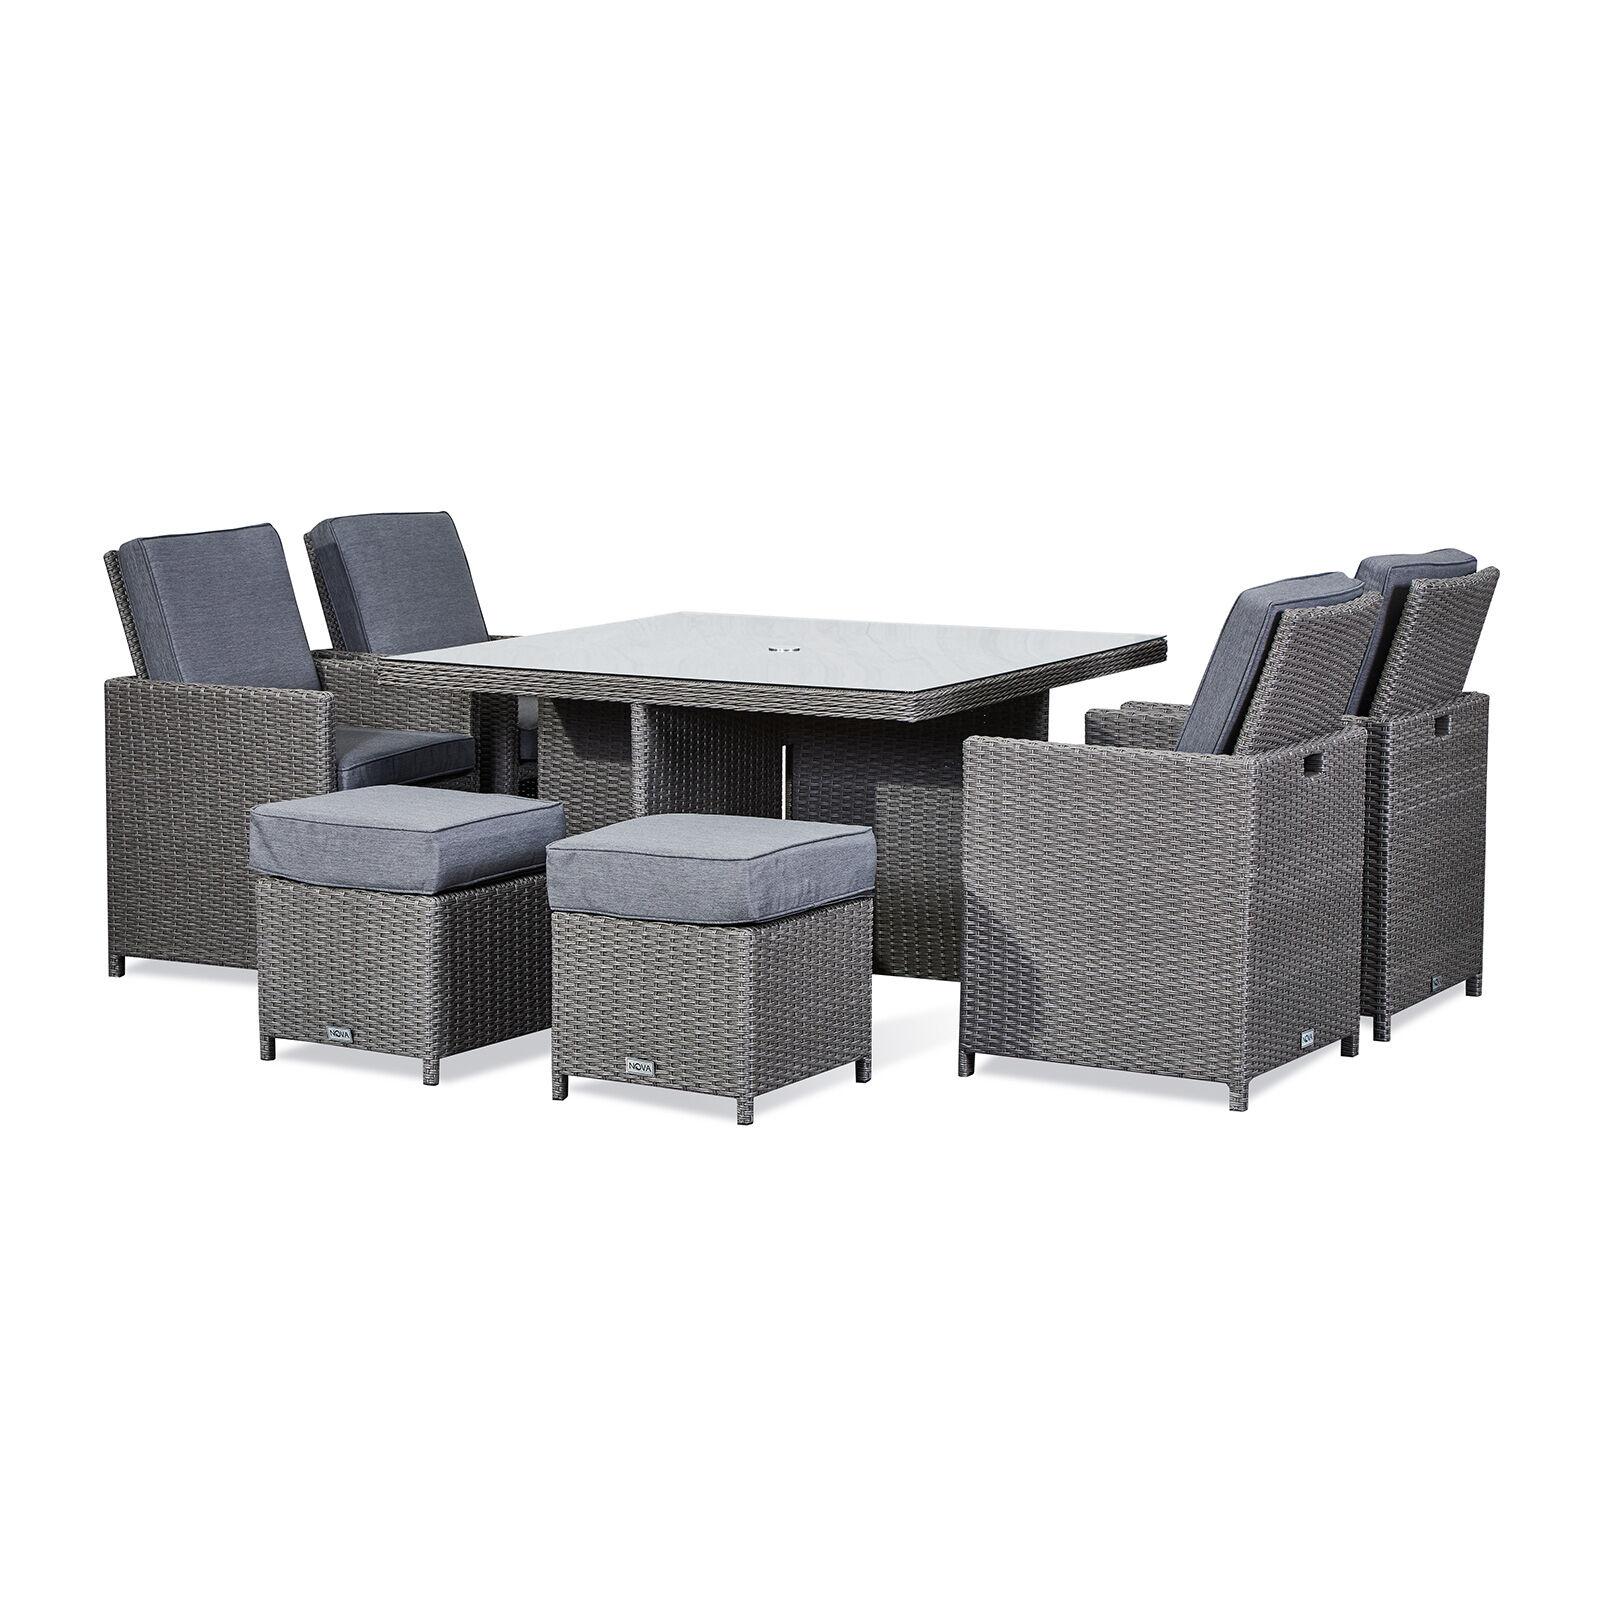 Oakworld Alfresco Heritage Catherine 4 Seat Cube Set   1.25m Square Table   Slate Grey